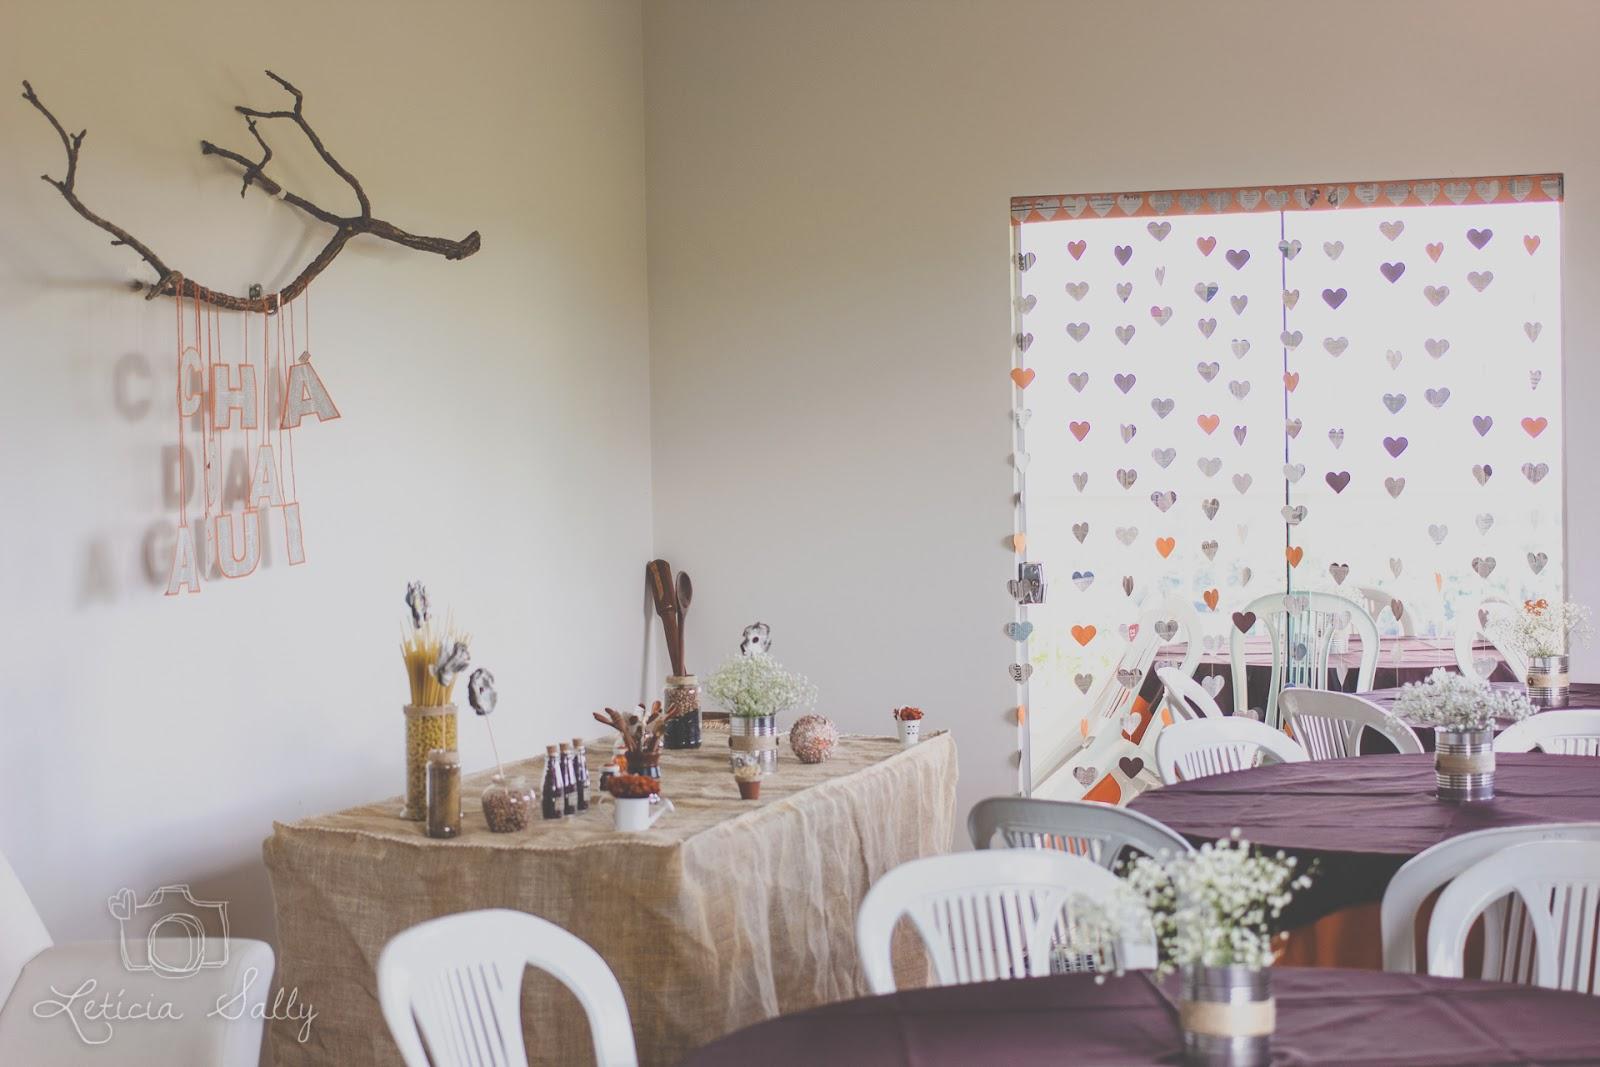 cha-panela-rustico-simples-decoracao